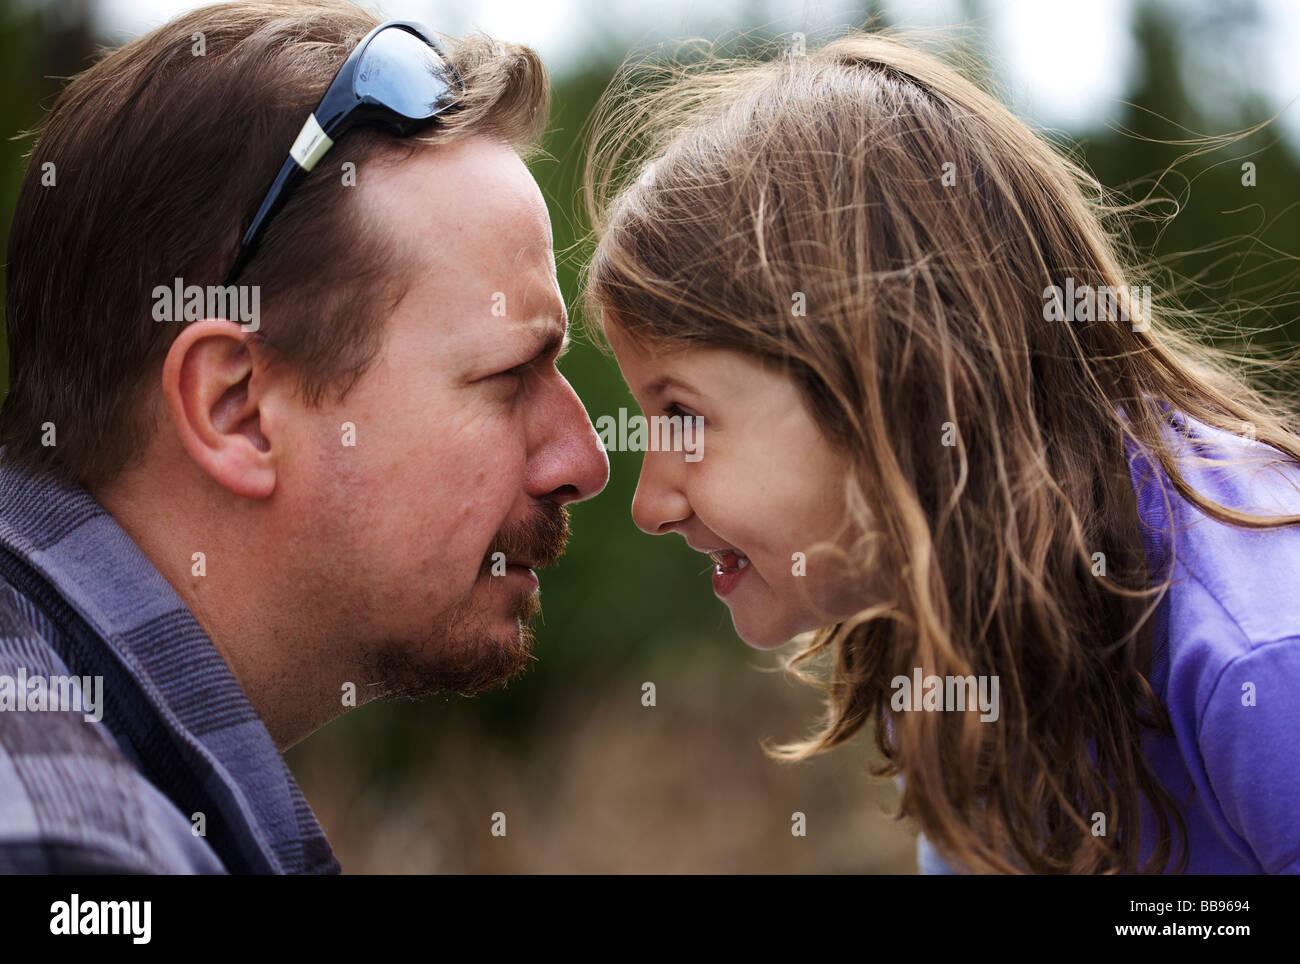 Jeune fille heureuse avec chaque autre joyeusement avec son père Photo Stock